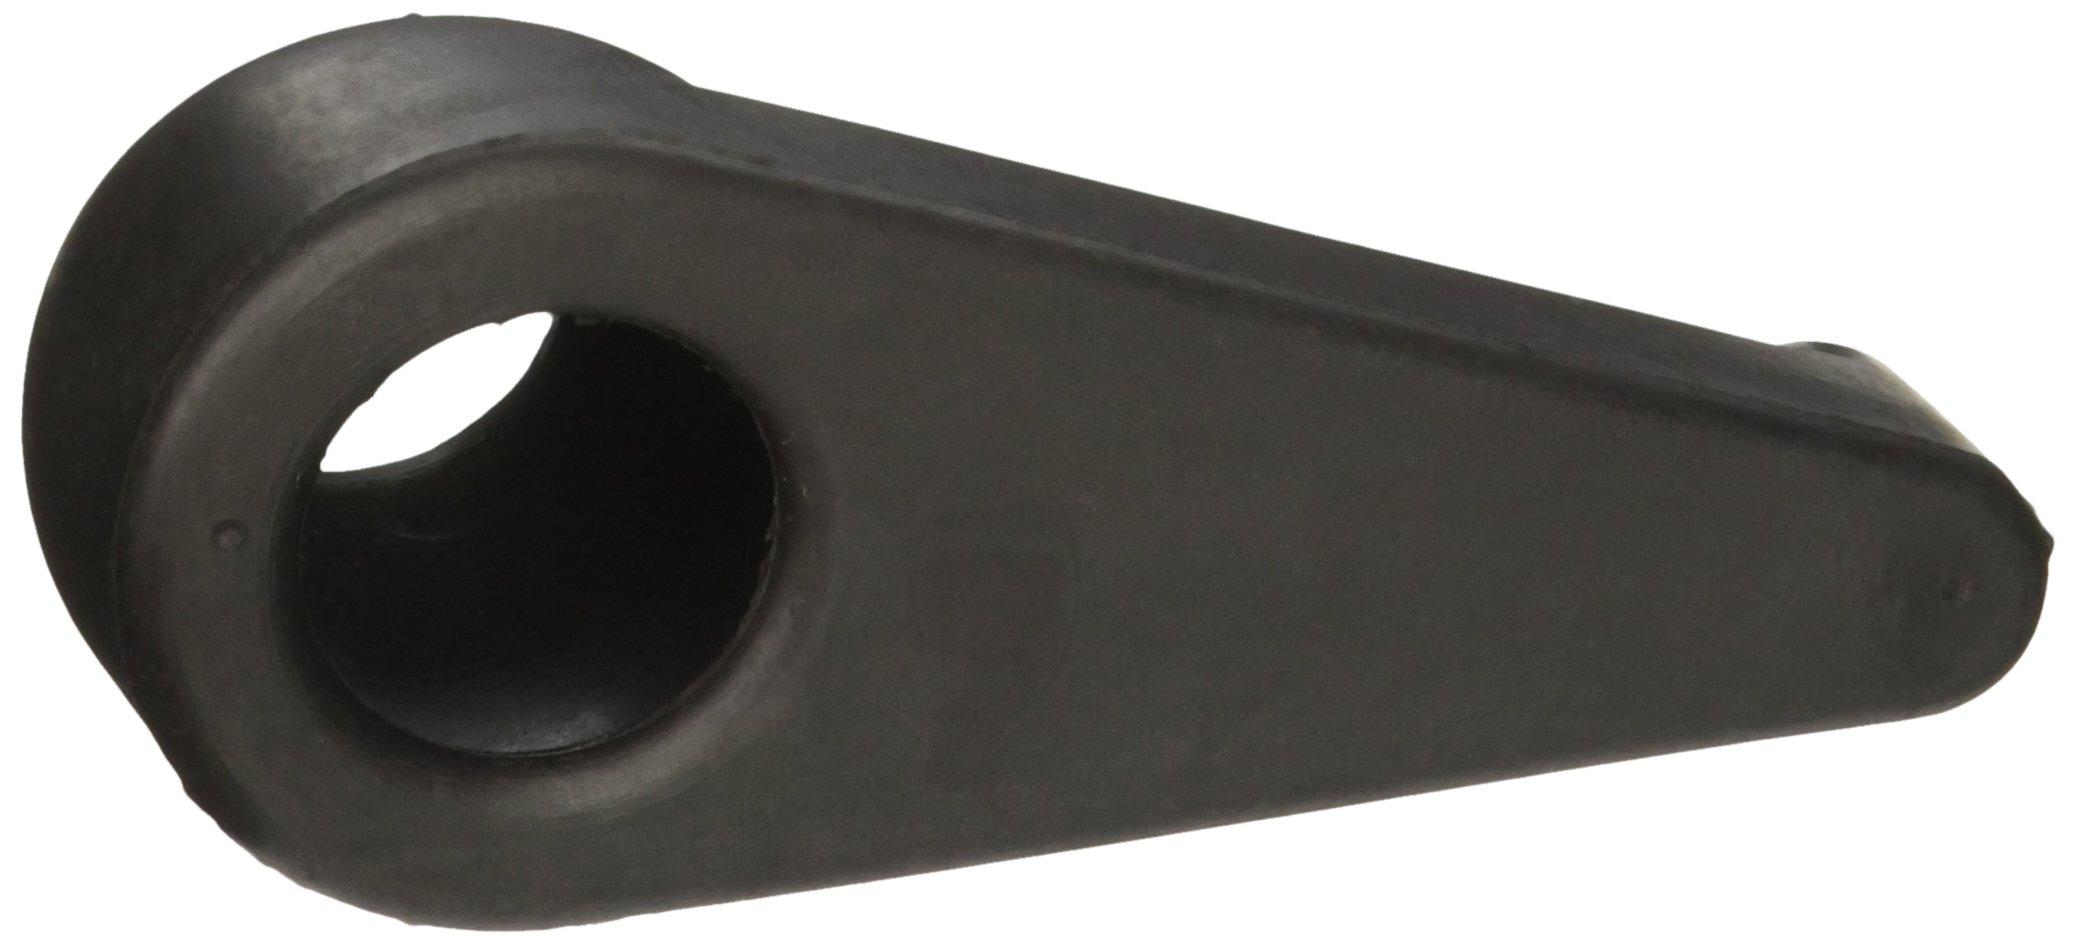 Sammons Preston Soft Rubber Doorknob Extension Handle, Extender Snaps Around Standard Door Knobs, Easy to Open Door Handle for Elderly, Disabled, or Weak Grip, Fits Knobs 2'' - 2.5'' in Diameter by Sammons Preston